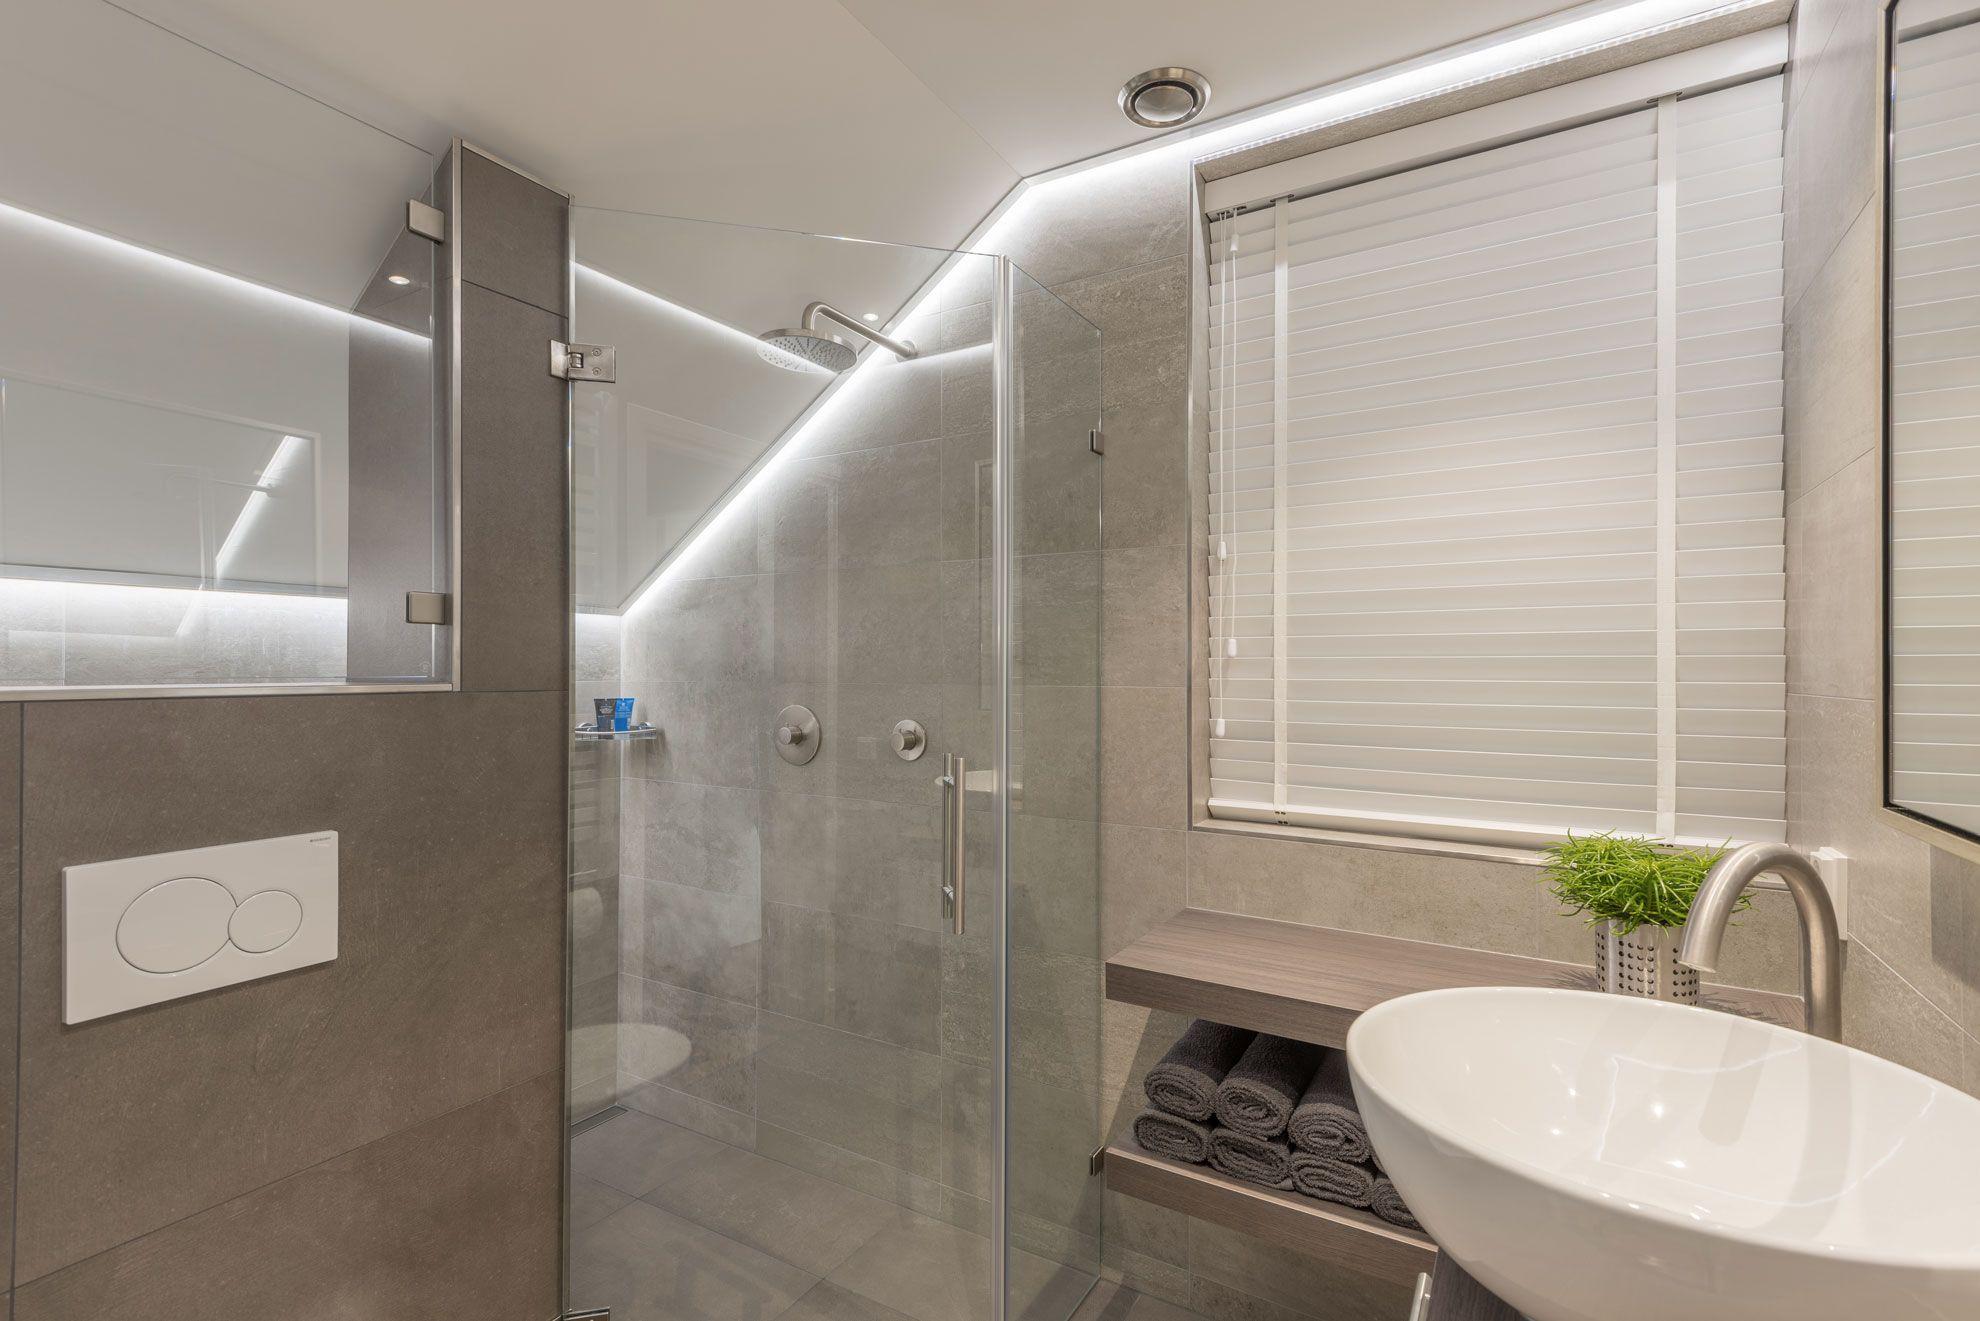 Badezimmer Decke Ideen Badezimmer Badezimmer Decken Spanndecken